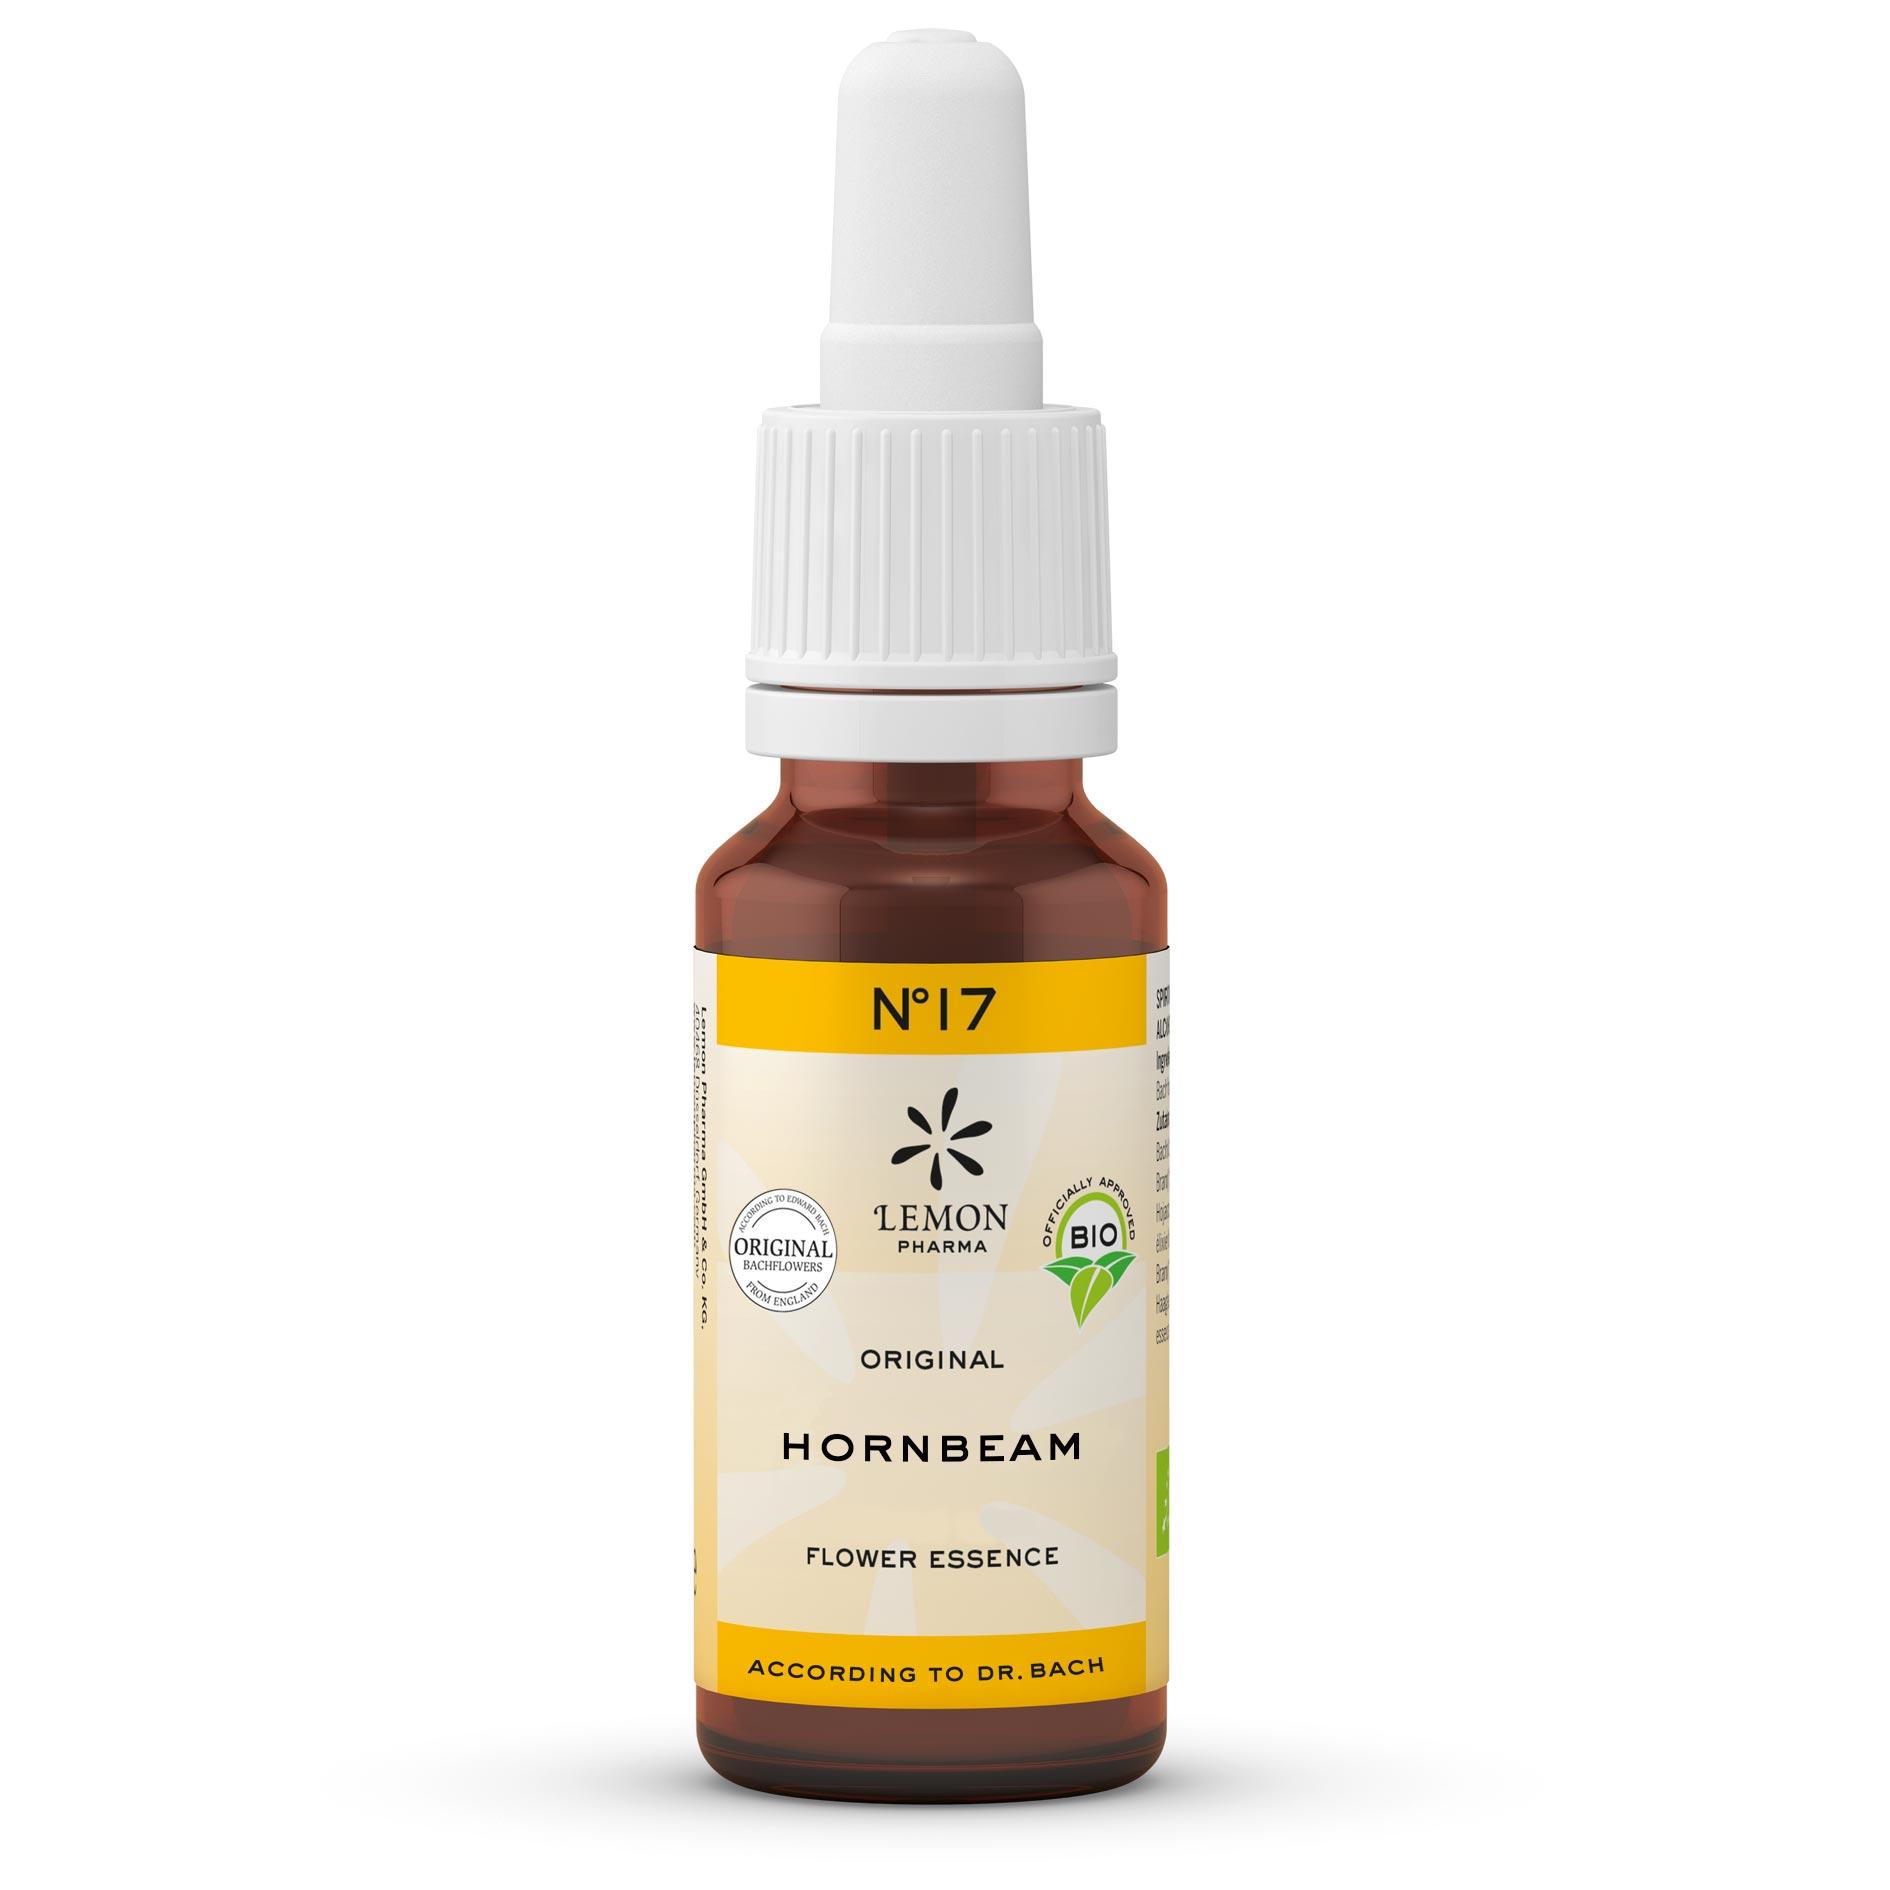 Lemon Pharma Original Bachblüten Tropfen Nr 17 Hornbeam Weissbuche Tatkraft